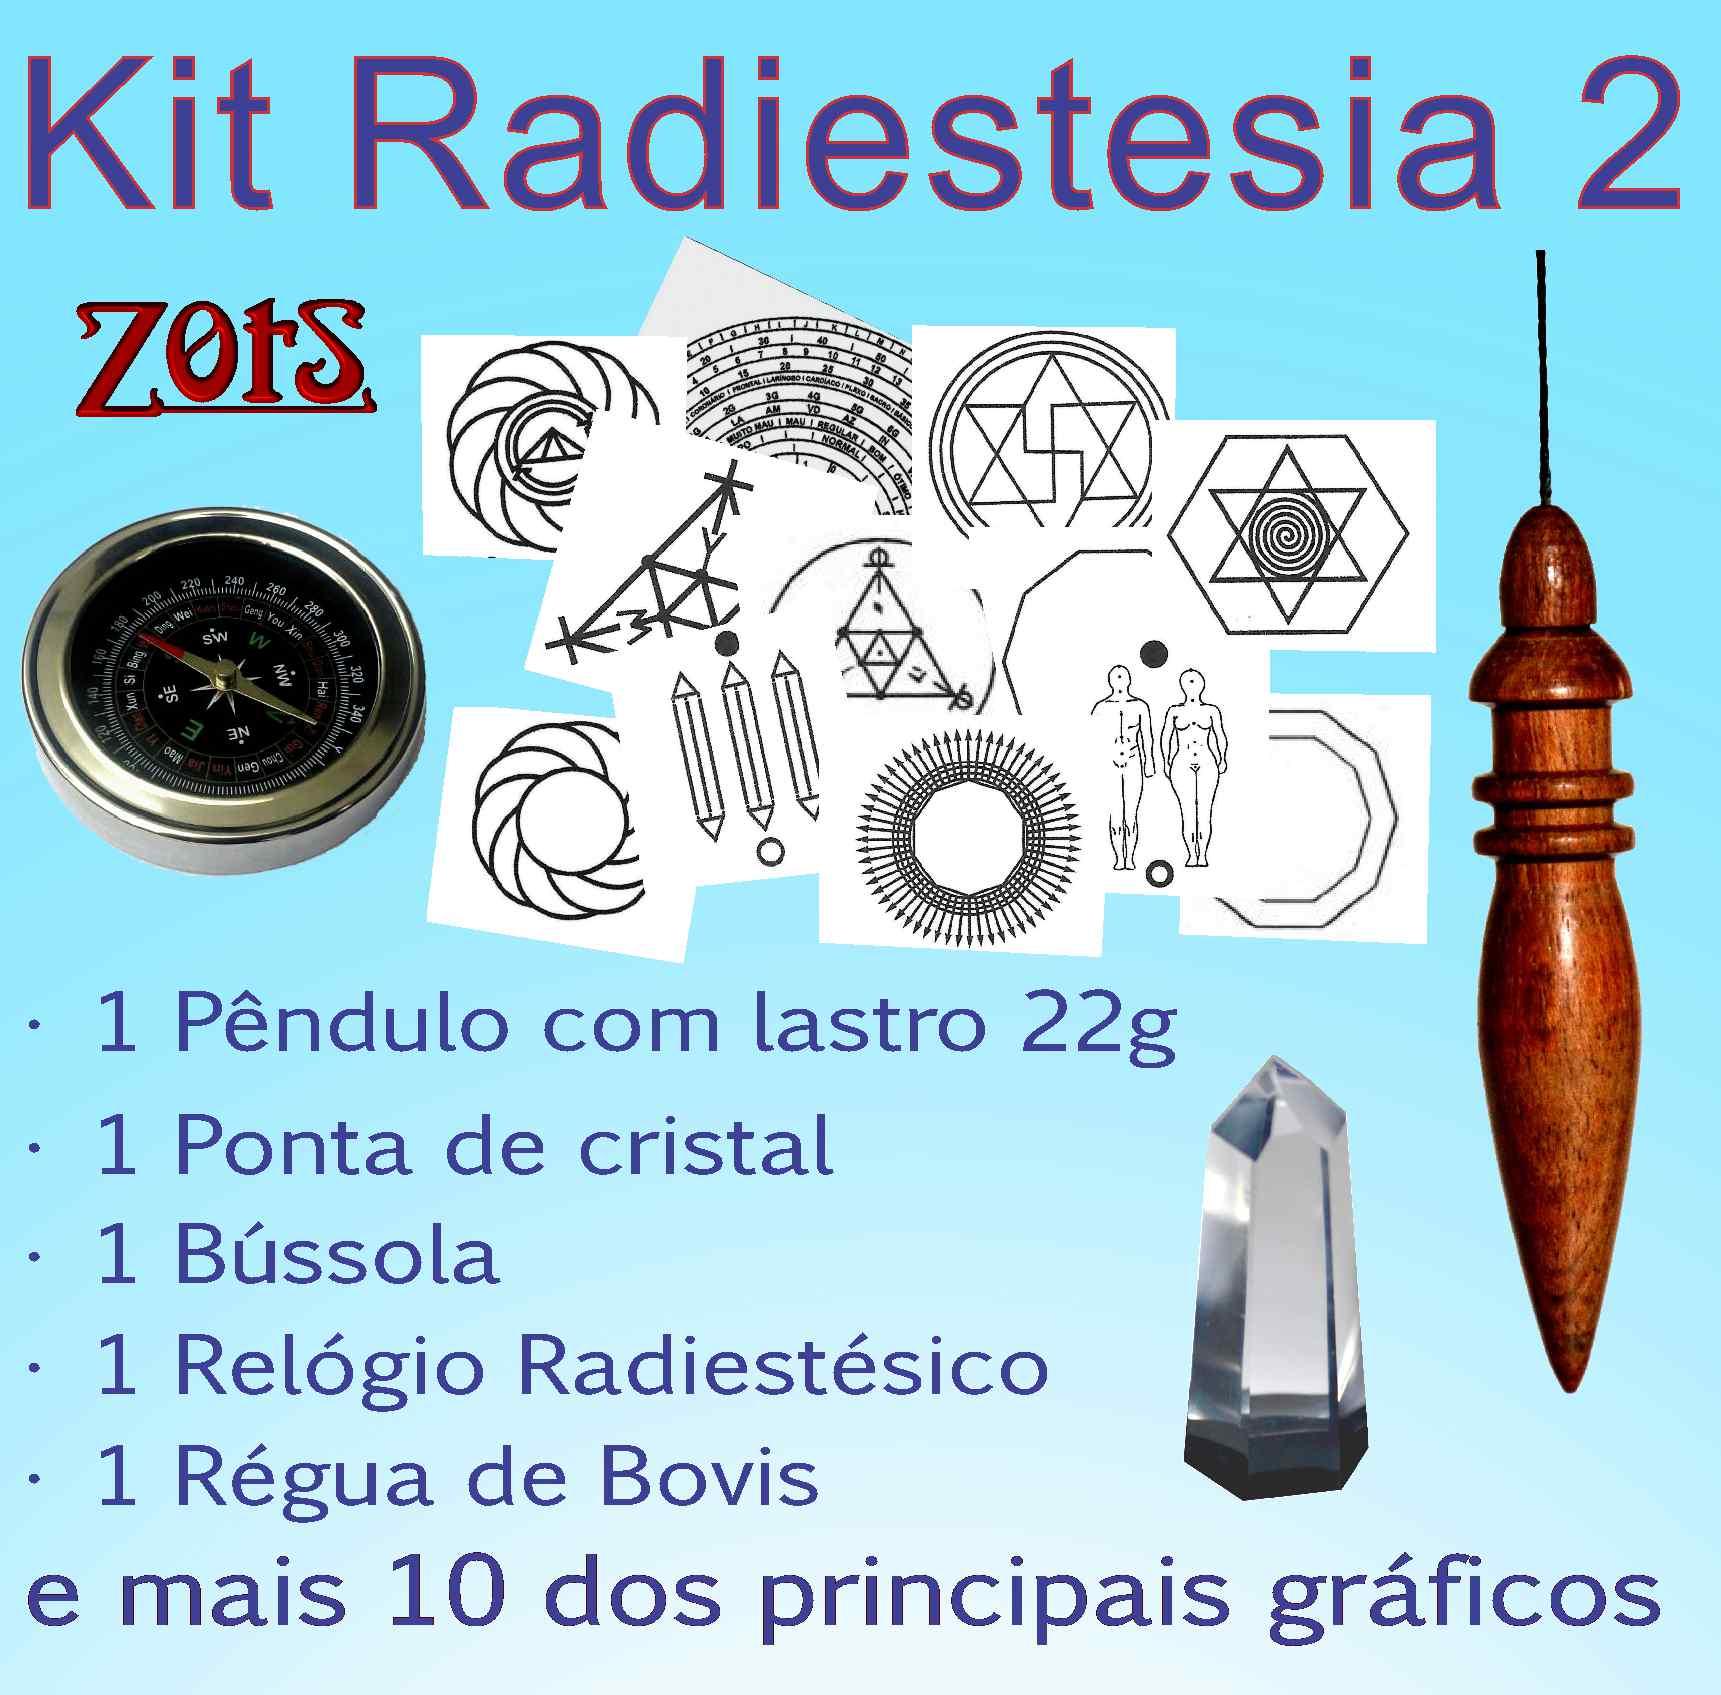 Kit Radiestesia 2